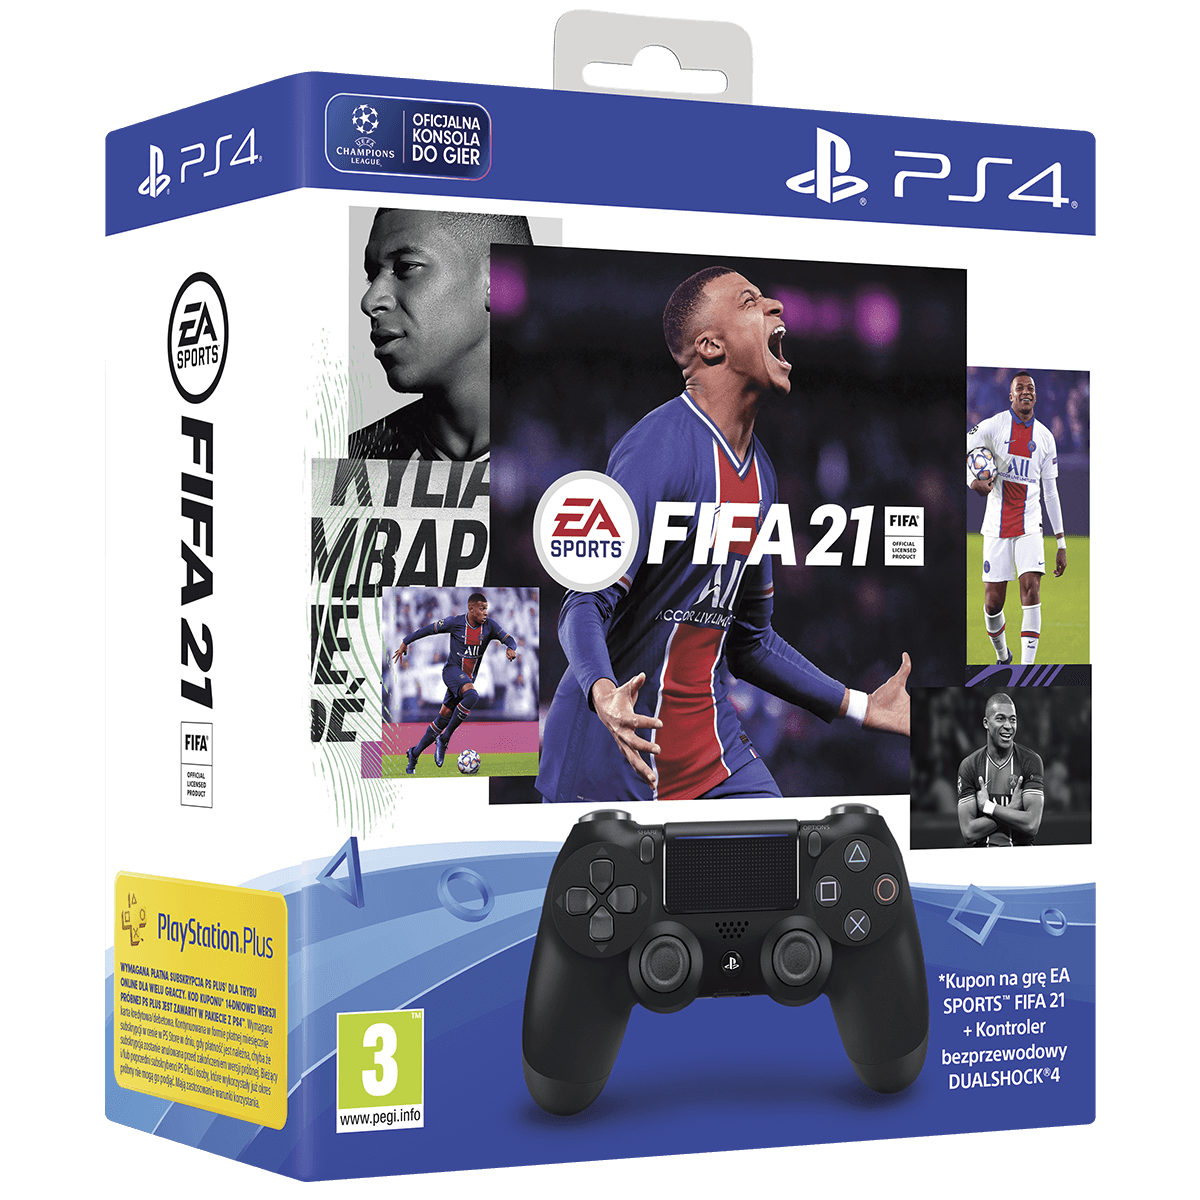 Obraz zestawu FIFA 21 DS4